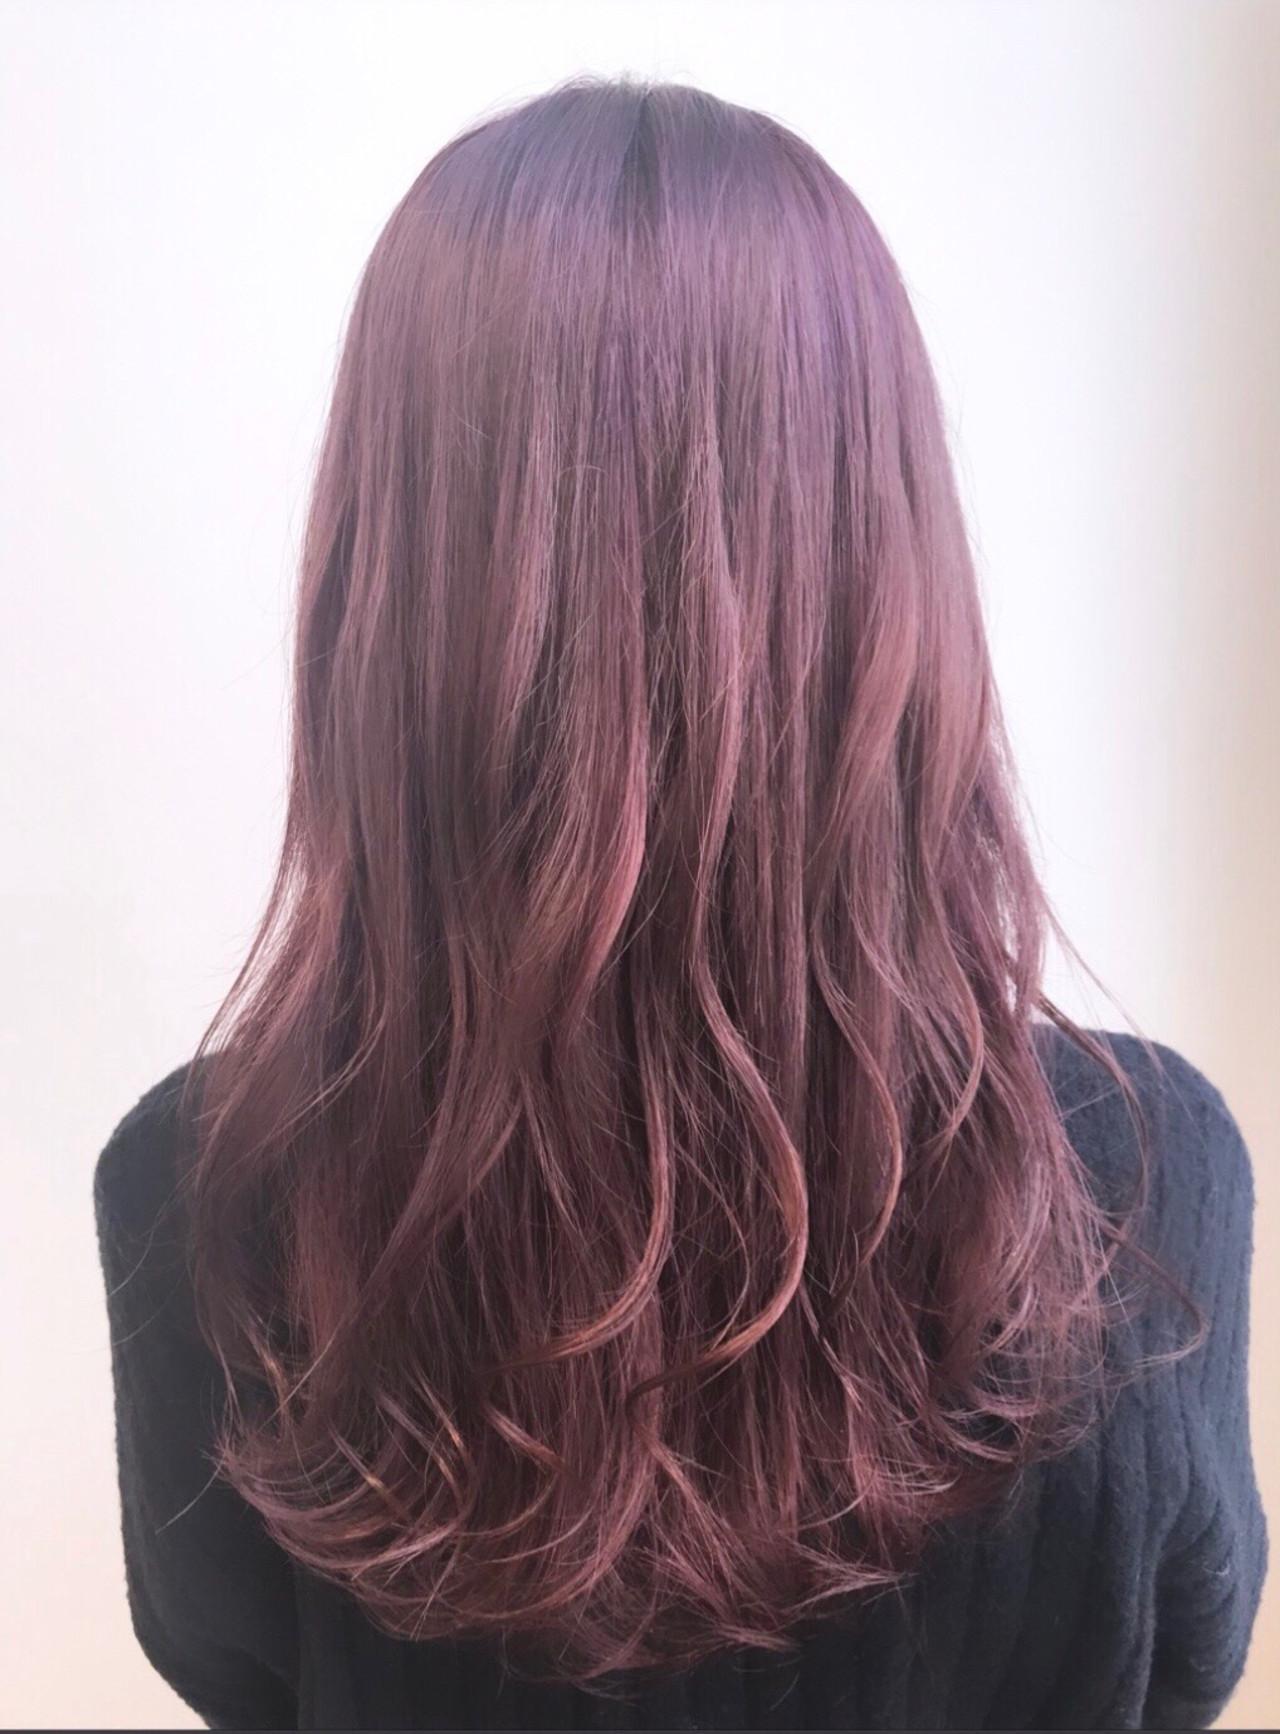 ピンクバイオレット フェミニン ブリーチカラー ロング ヘアスタイルや髪型の写真・画像